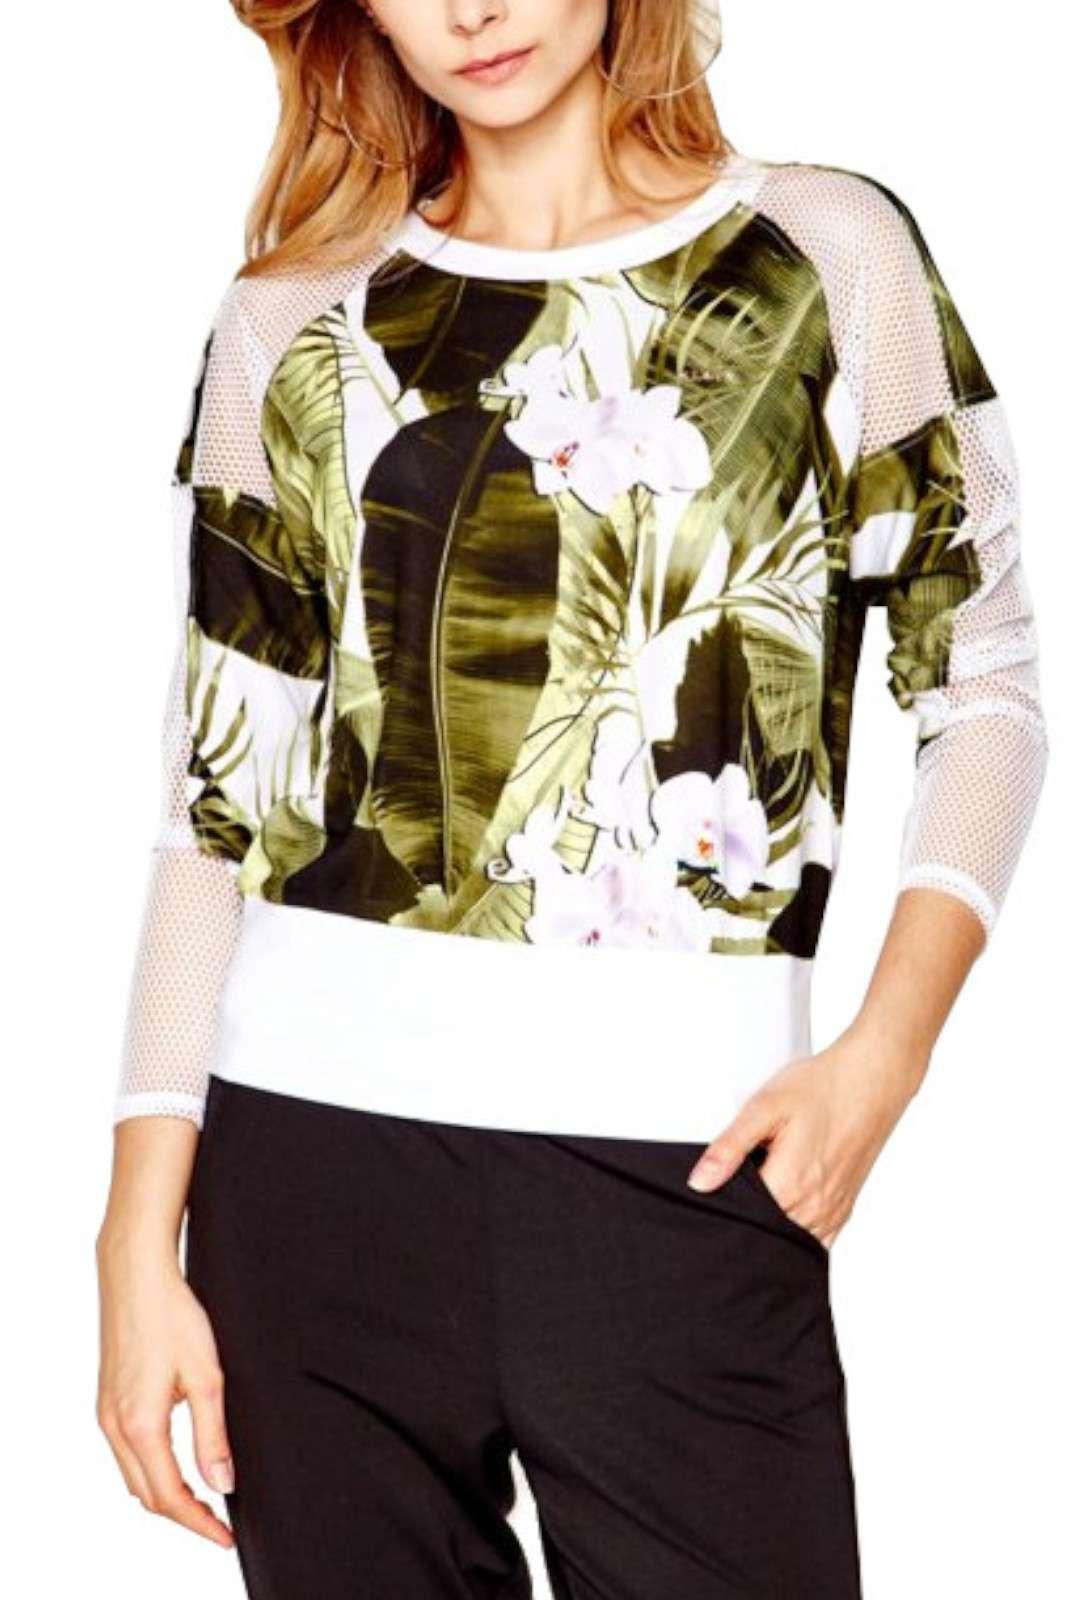 Una felpa con delicati inserti a rete quella proposta dalla collezione donna Liu Jo Sport. La fantasia floreale con foglie ben si sposa con la vestibilità regolare. Caratterizzata dallo scollo a goccia sul retro è perfetta per le occasioni meno formali.